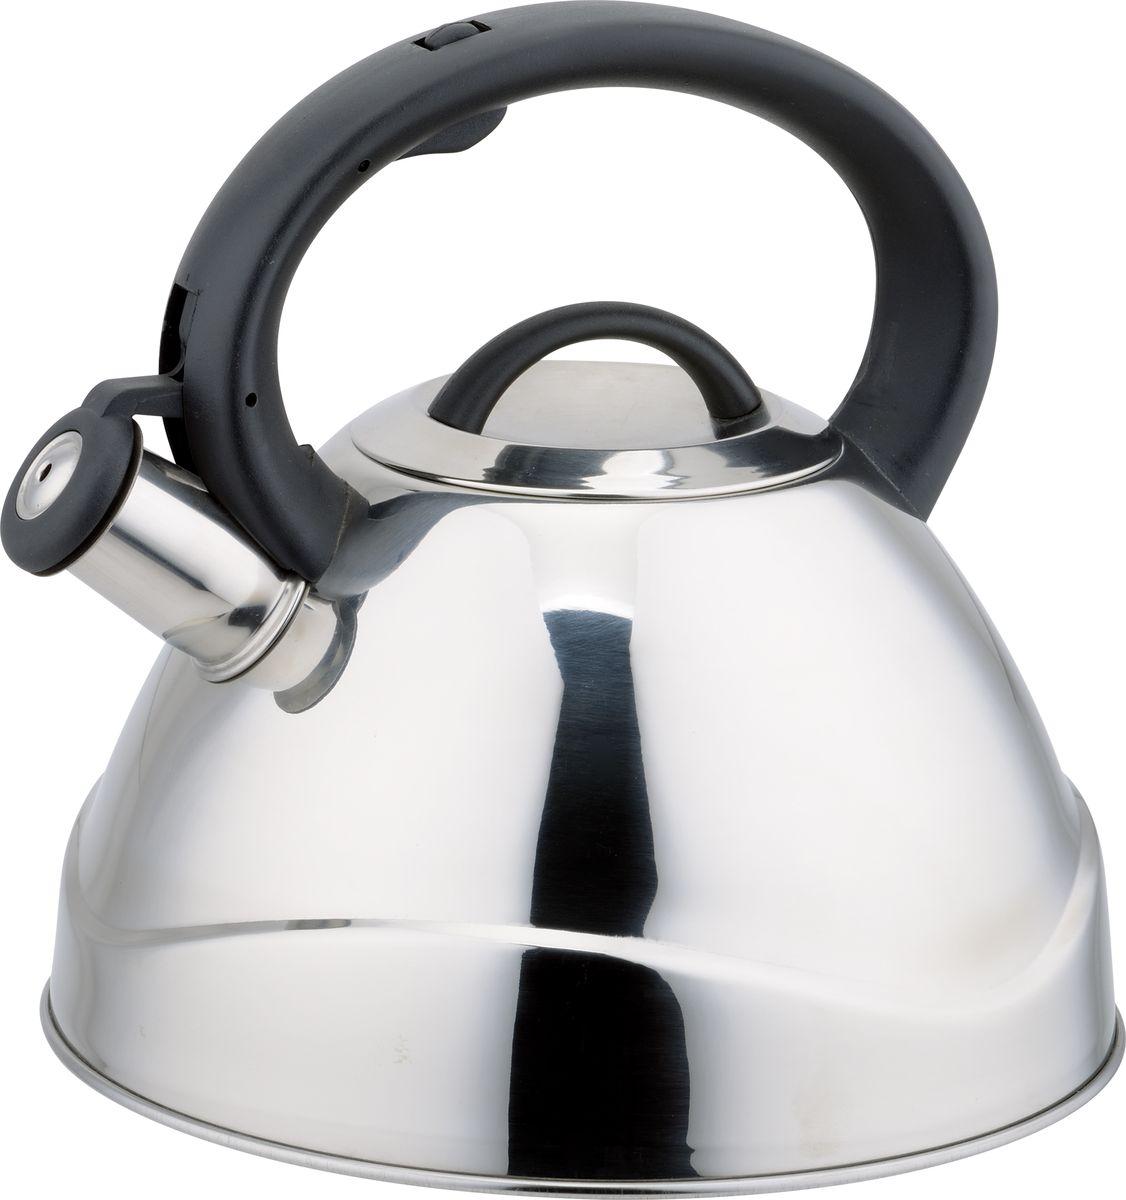 Чайник Rainstahl, 3,5л. 7617-35RS\WK7617-35RS\WKЧайник со свистком. Корпус из высококачественной нержавеющей стали. Наличие куркового механизма. Термоаккумулирующее дно. Подходит для всех видов плит, включая индукционную. Объем 3,5 литра